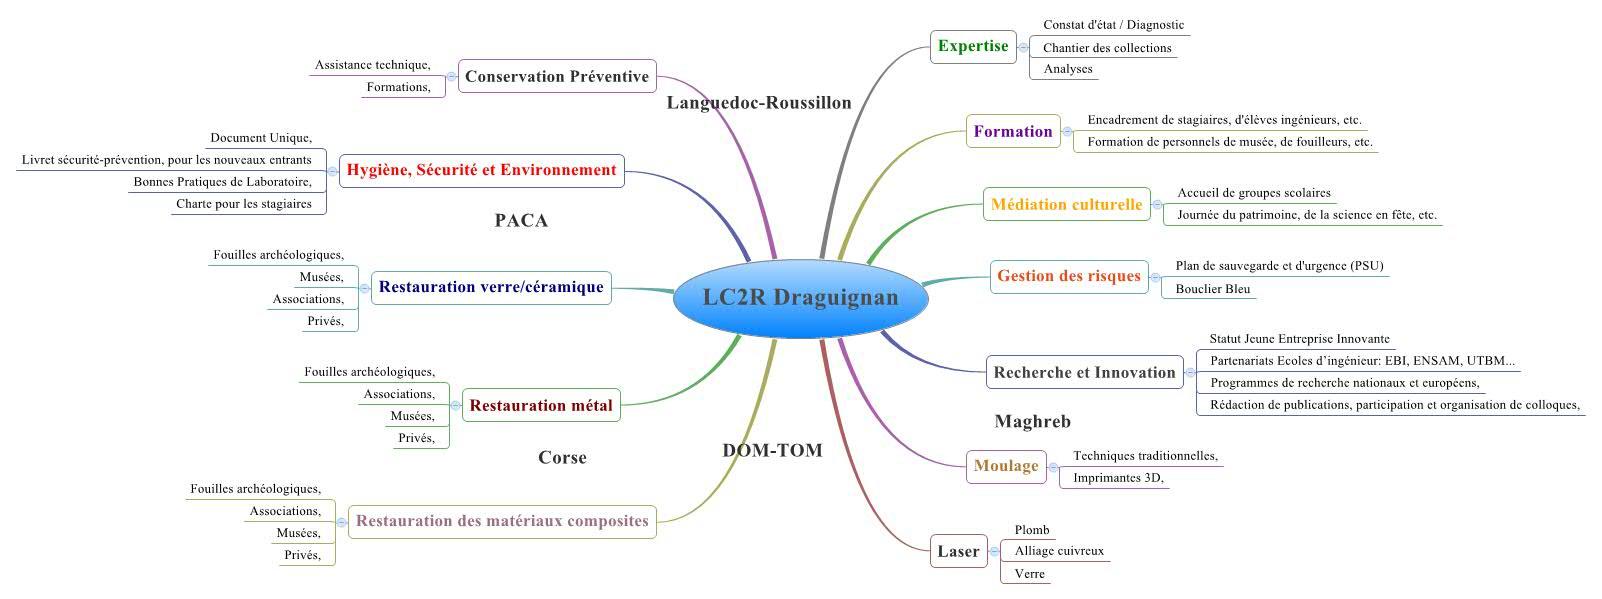 Heuristique diagram